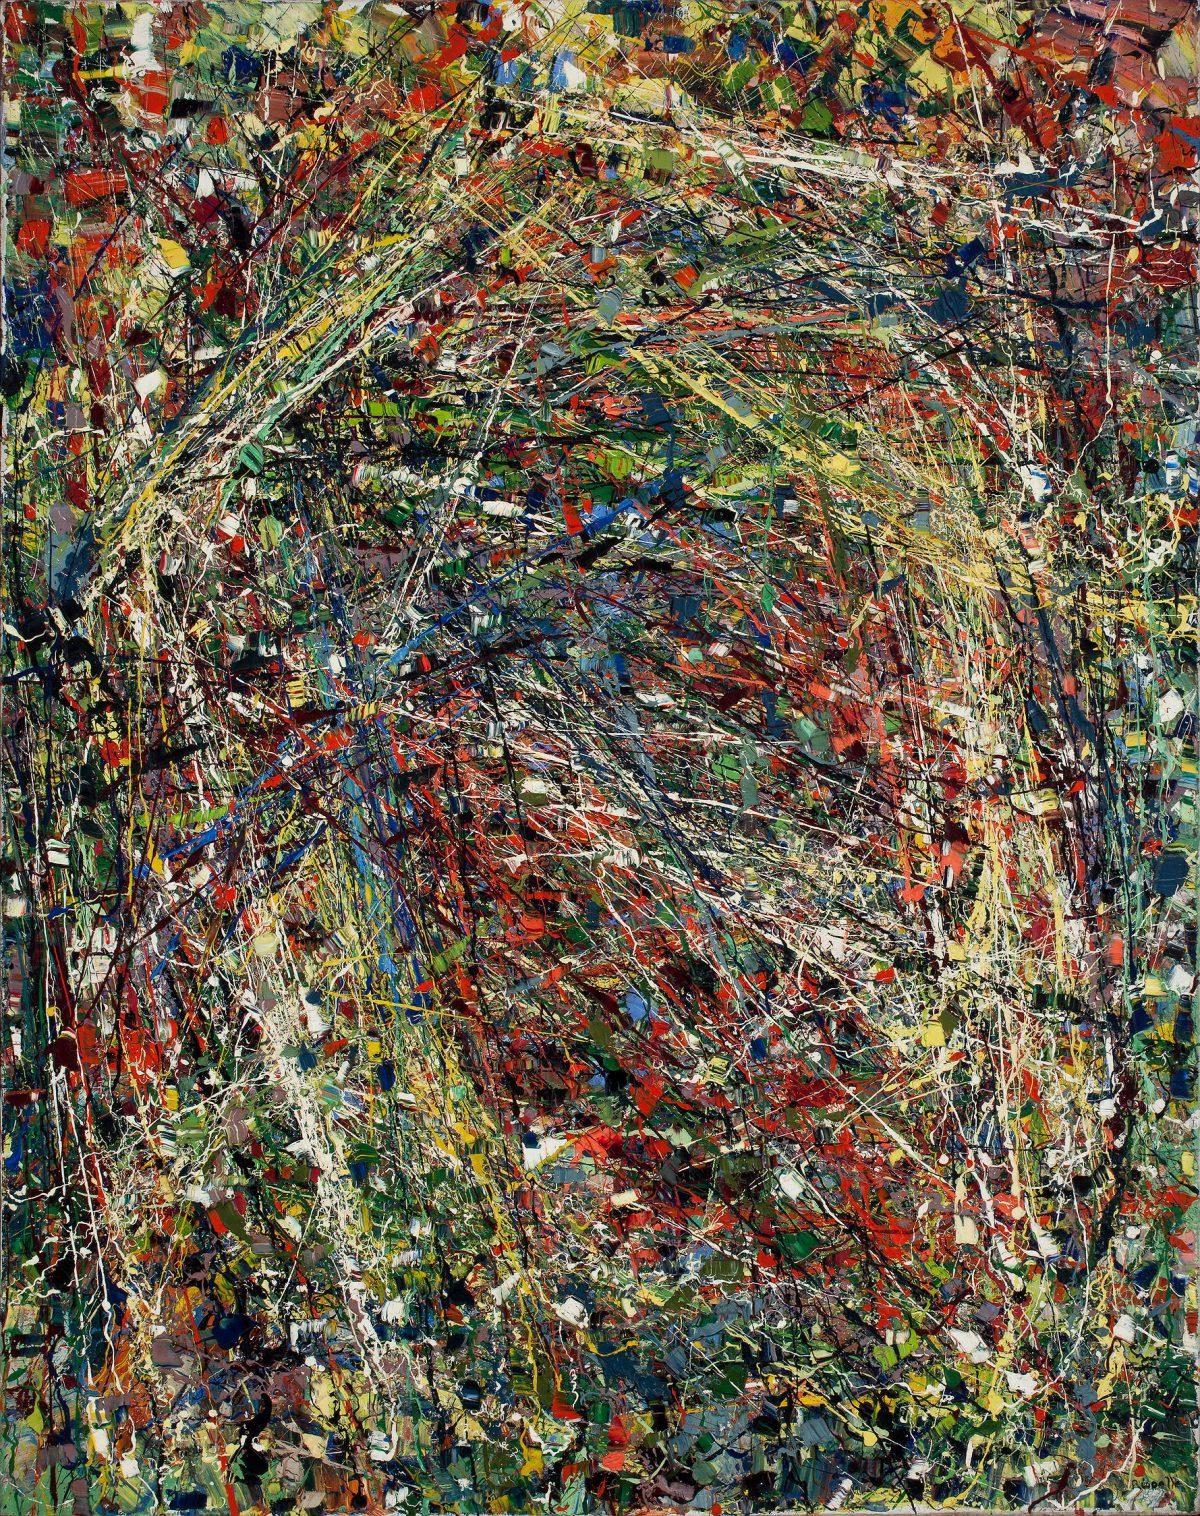 Sans titre, 1950, Jean-Paul Riopelle, Huile sur toile.